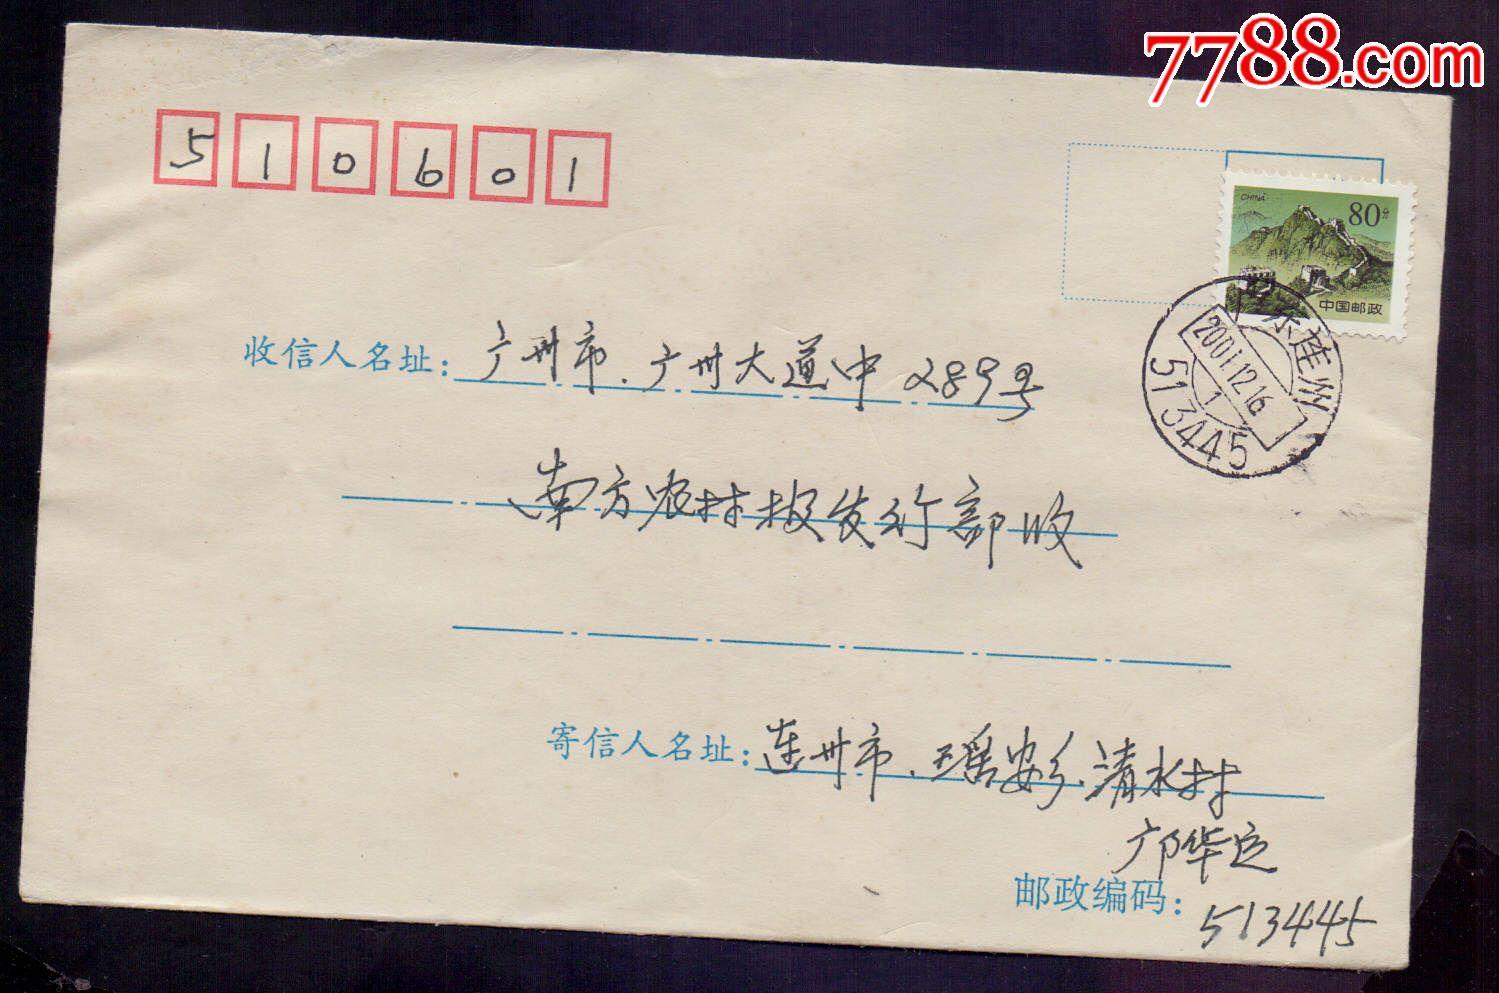 邮编_01年广东连州邮编戳封